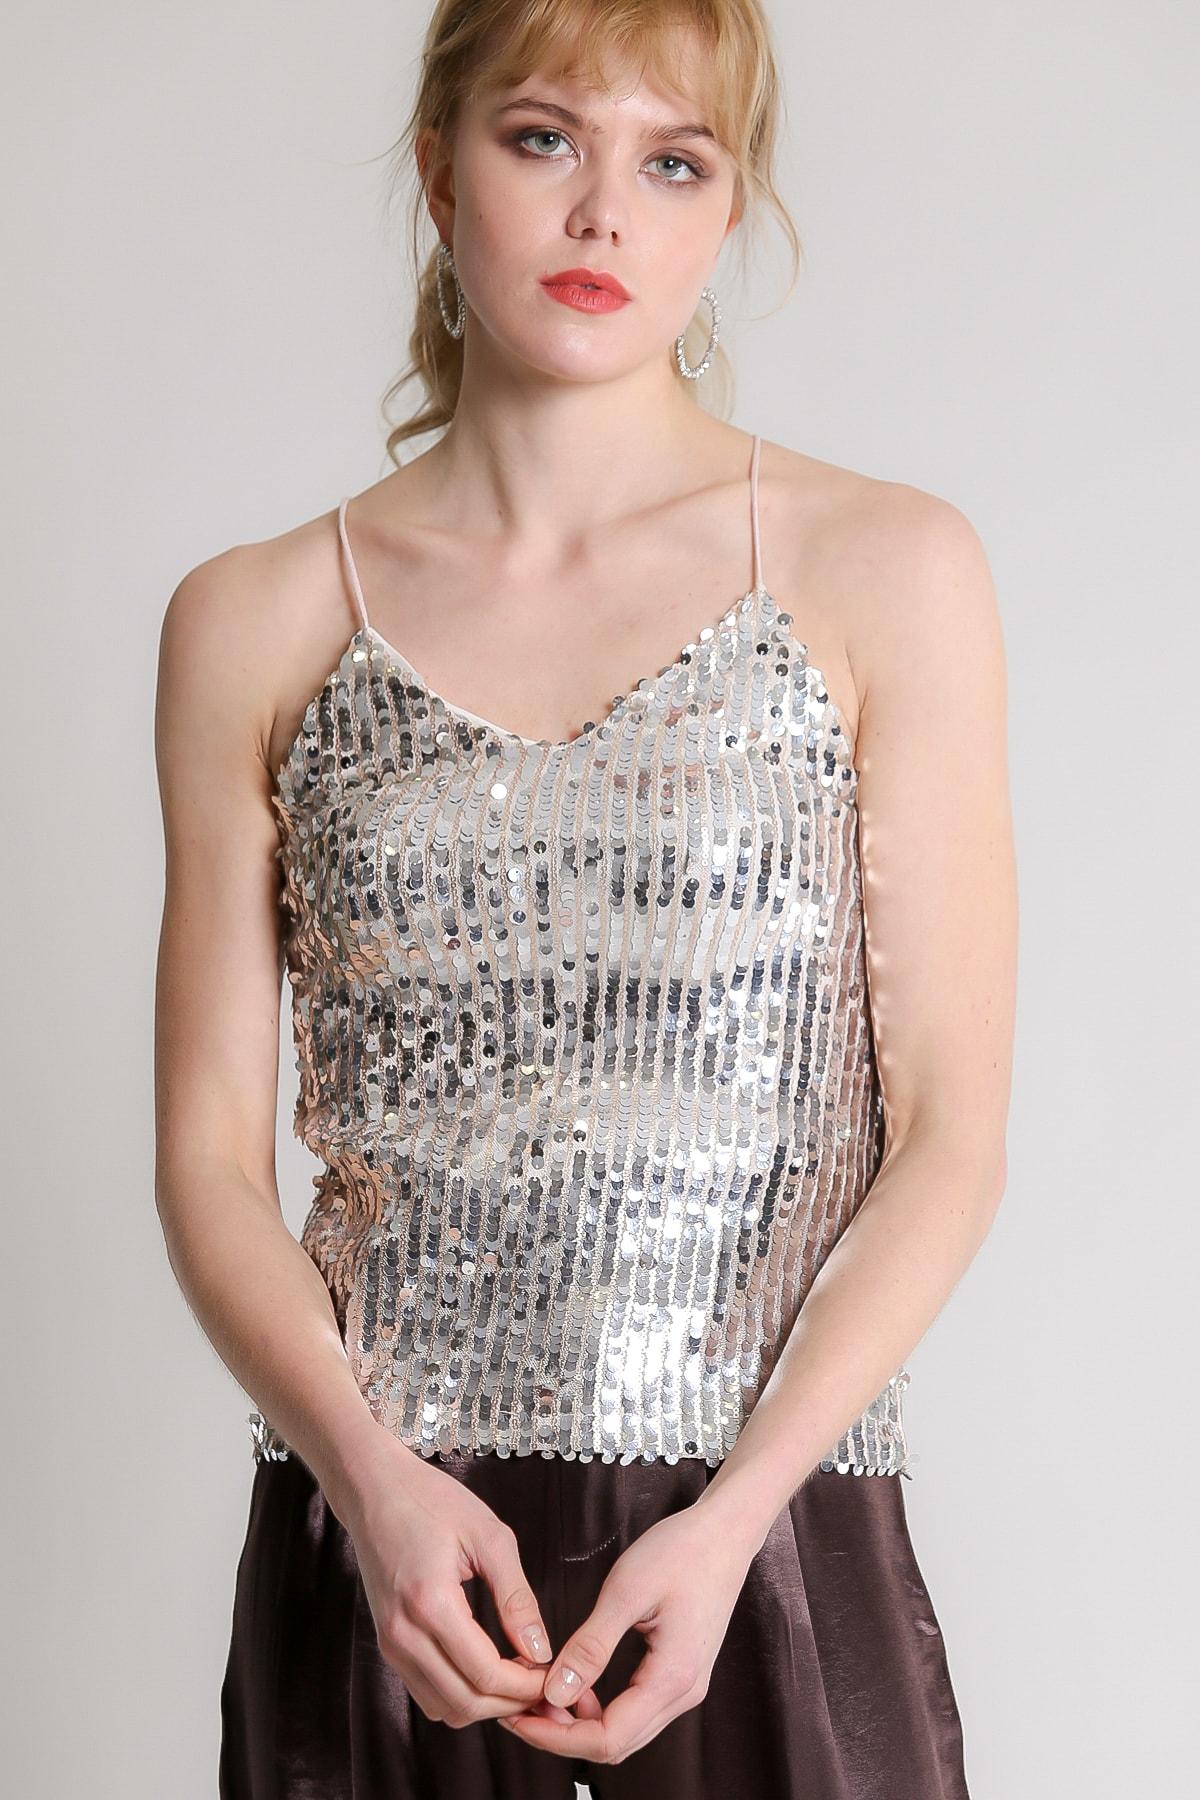 Chiccy Kadın Gümüş Retro Askılı Balık Pul Payetli Bluz M10010200BL96731 0